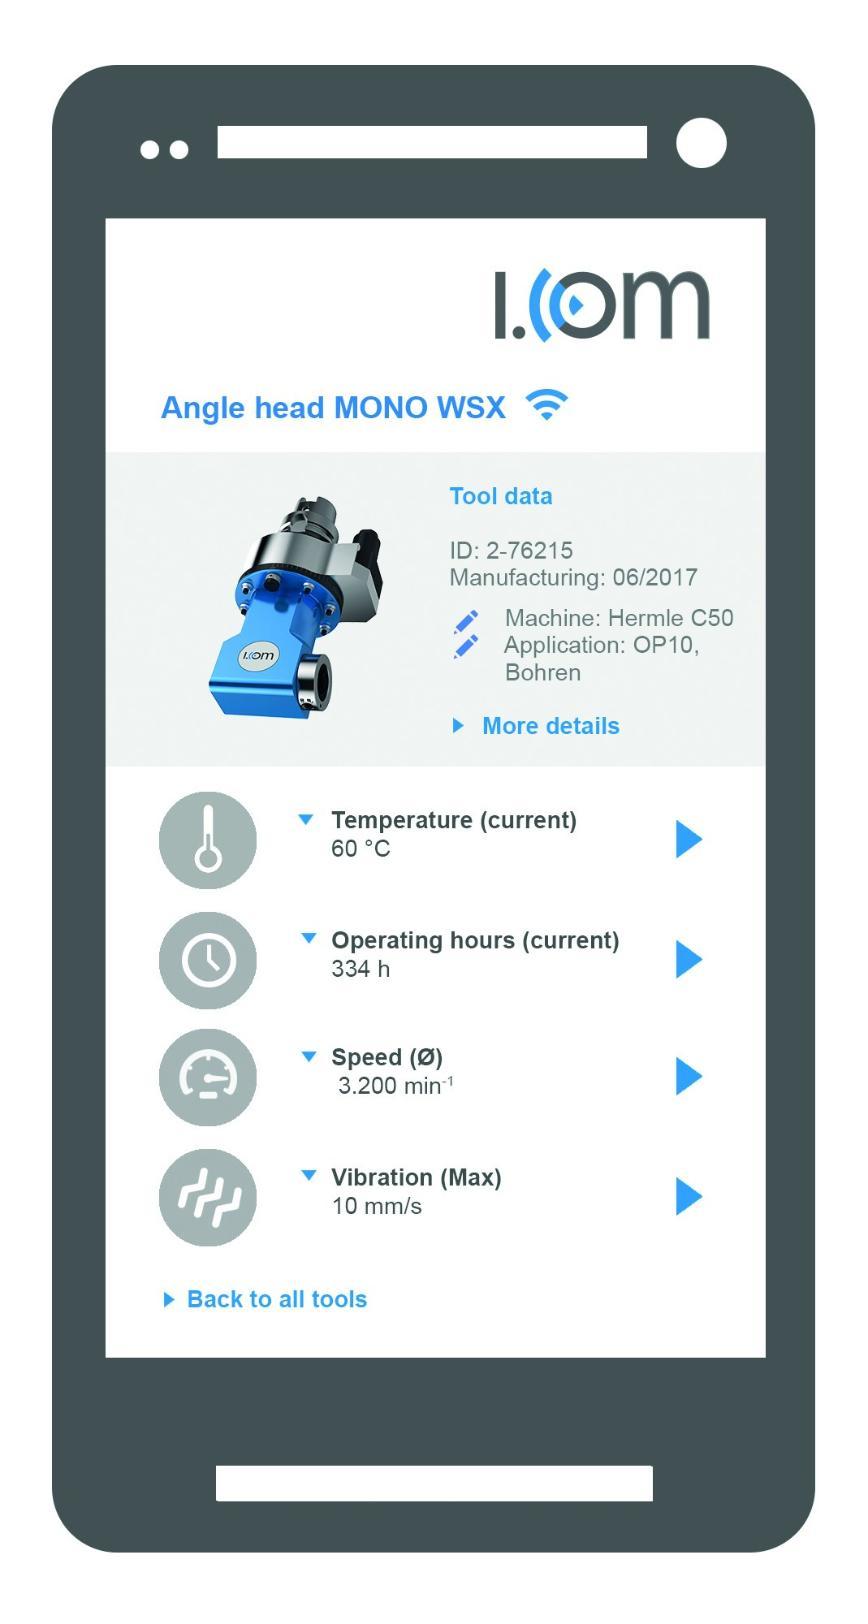 Logo Werkzeugsystem, modular - Industrie 4.0 Applikation BENZ i.com